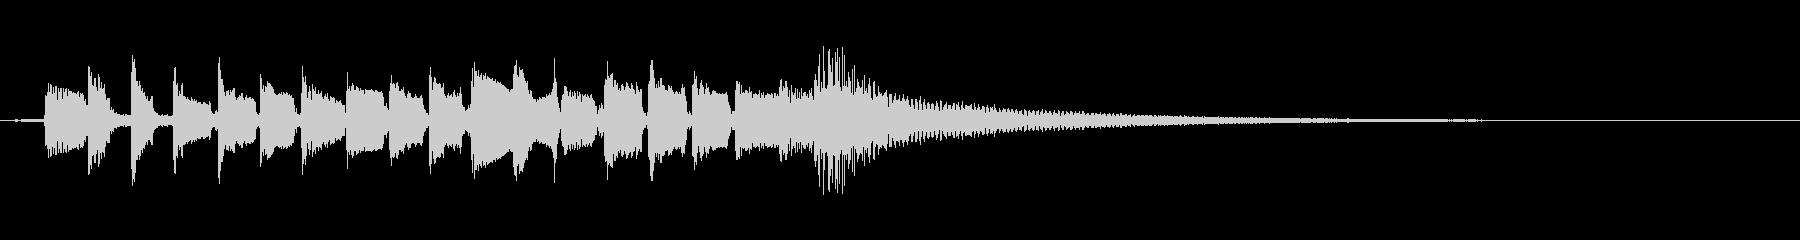 アコースティックギターブルースのス...の未再生の波形